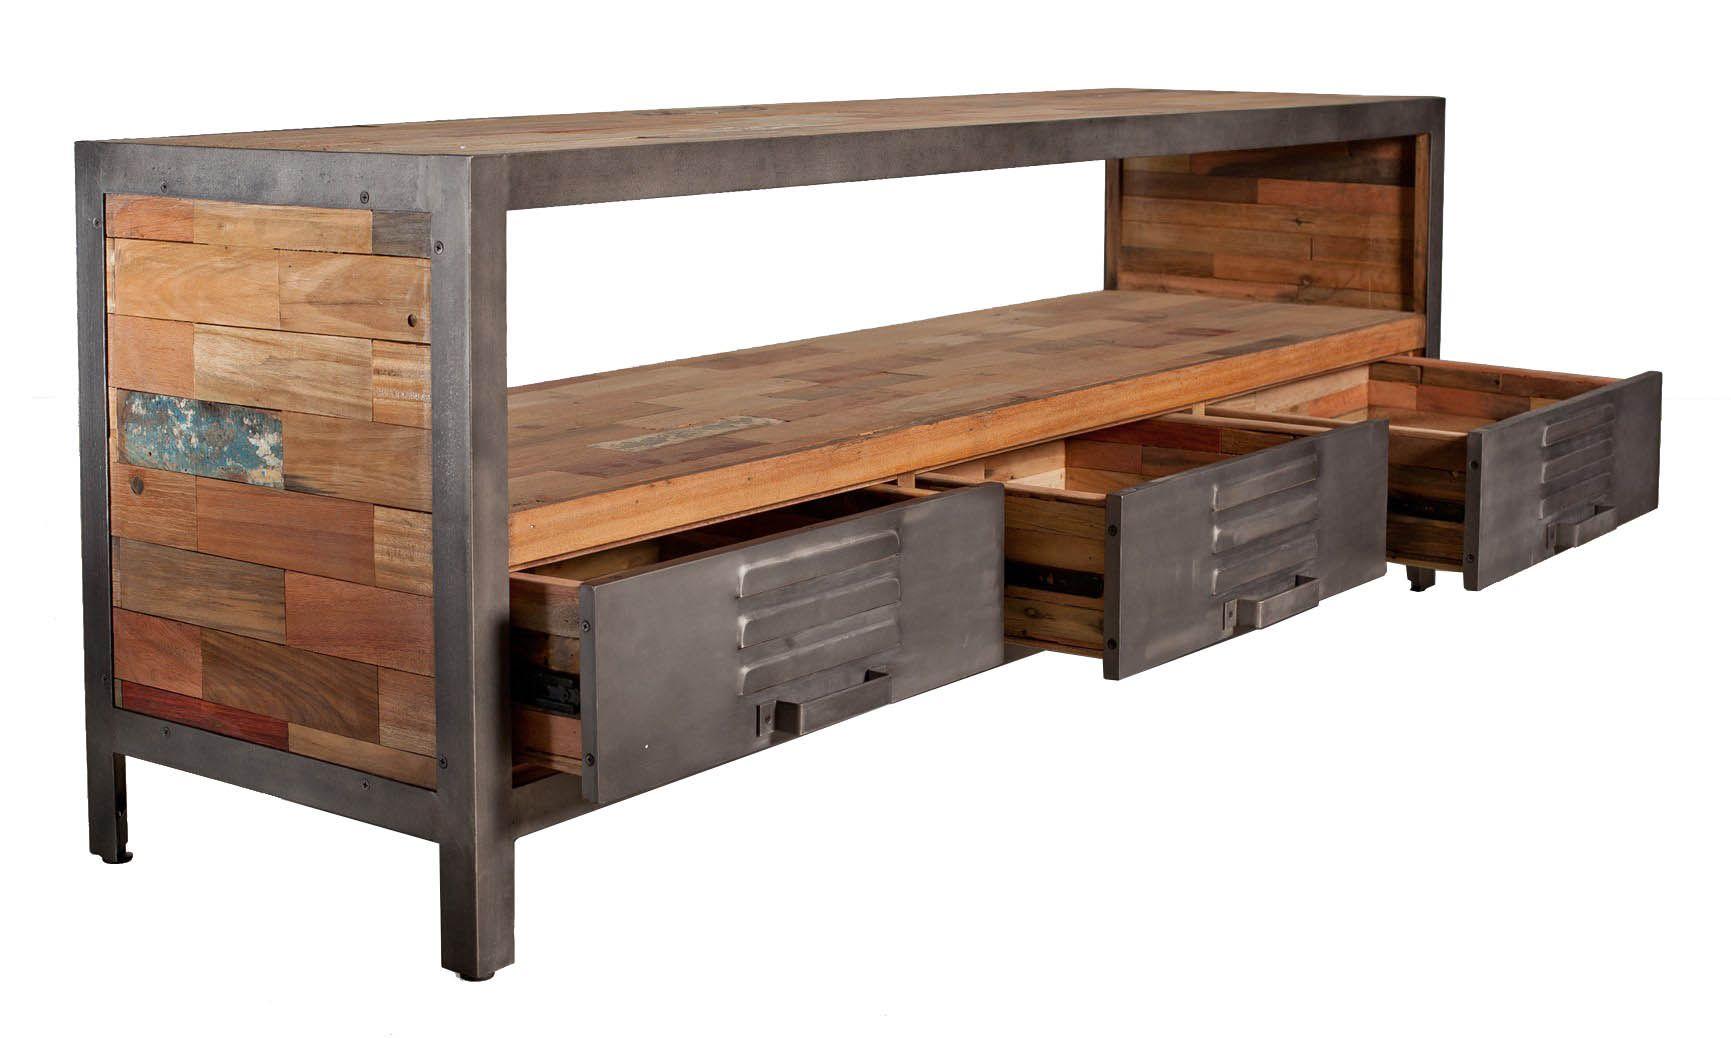 Meuble Tv Metal Bois Recycle 3 Tiroirs Caravelle Infos Et Dimensions Longueur 160 Cm Profondeur 45 Cm Hauteur 60 Cm Ma Decor Furniture Home Decor